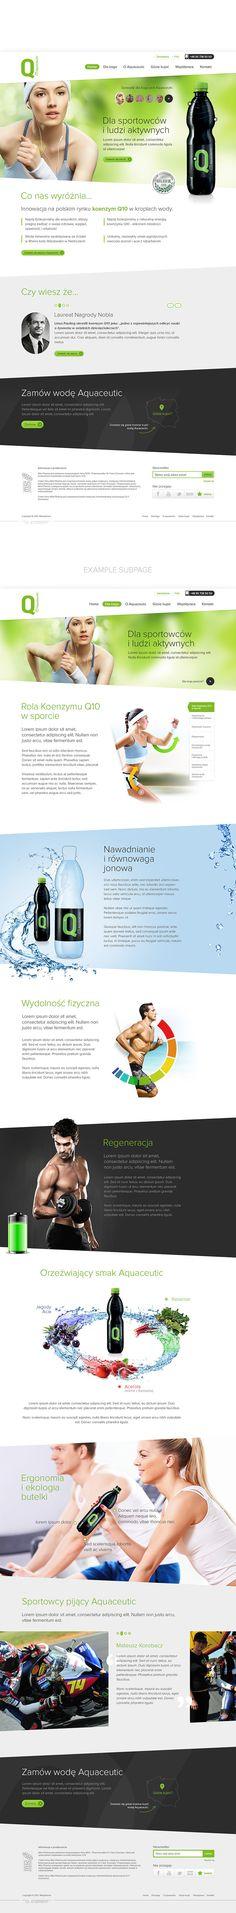 Aquaceutic